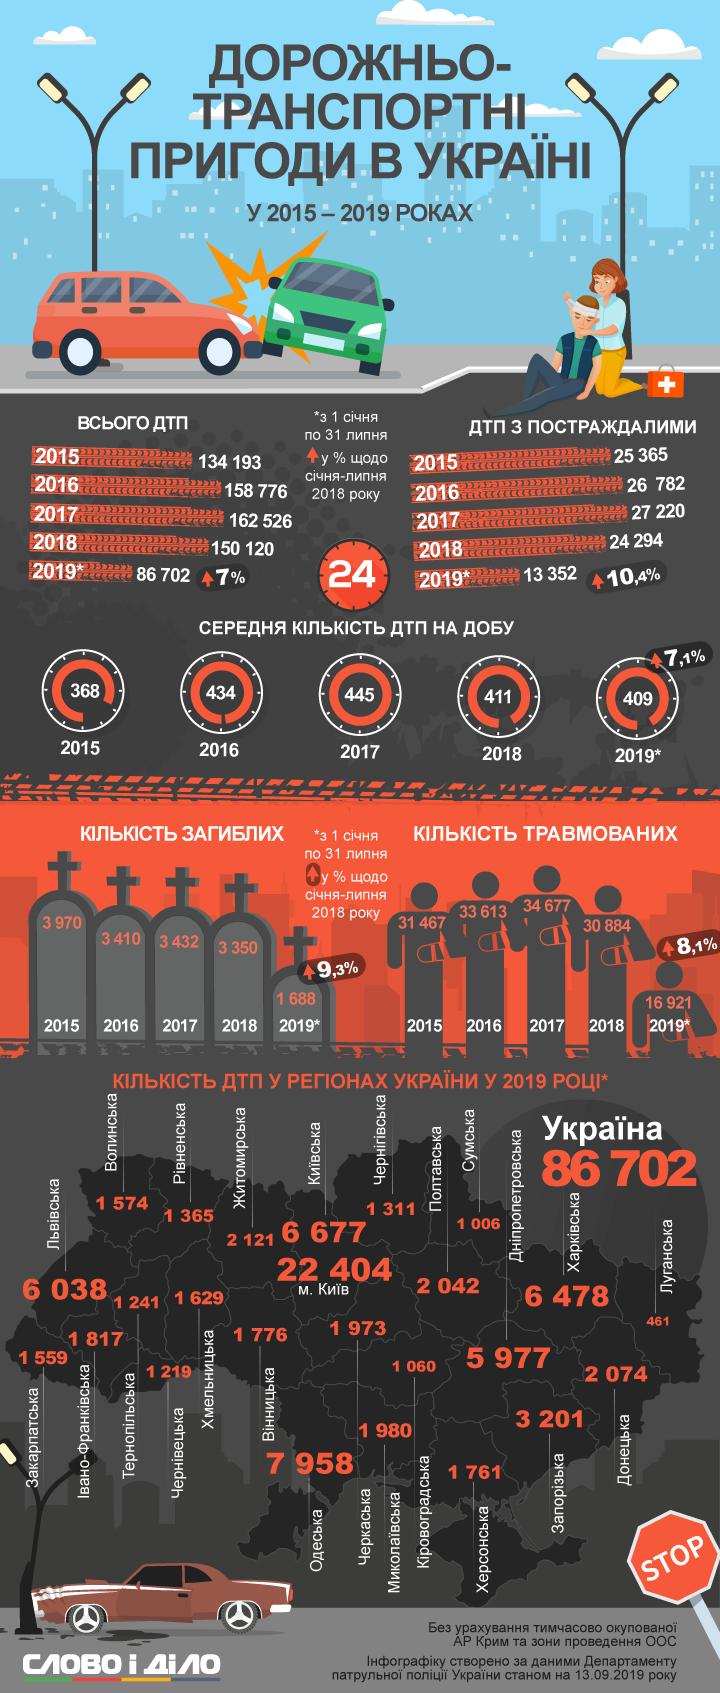 В Україні щодня в середньому відбувається 300-400 ДТП. За чотири з половиною роки — майже 693 тисячі аварій.